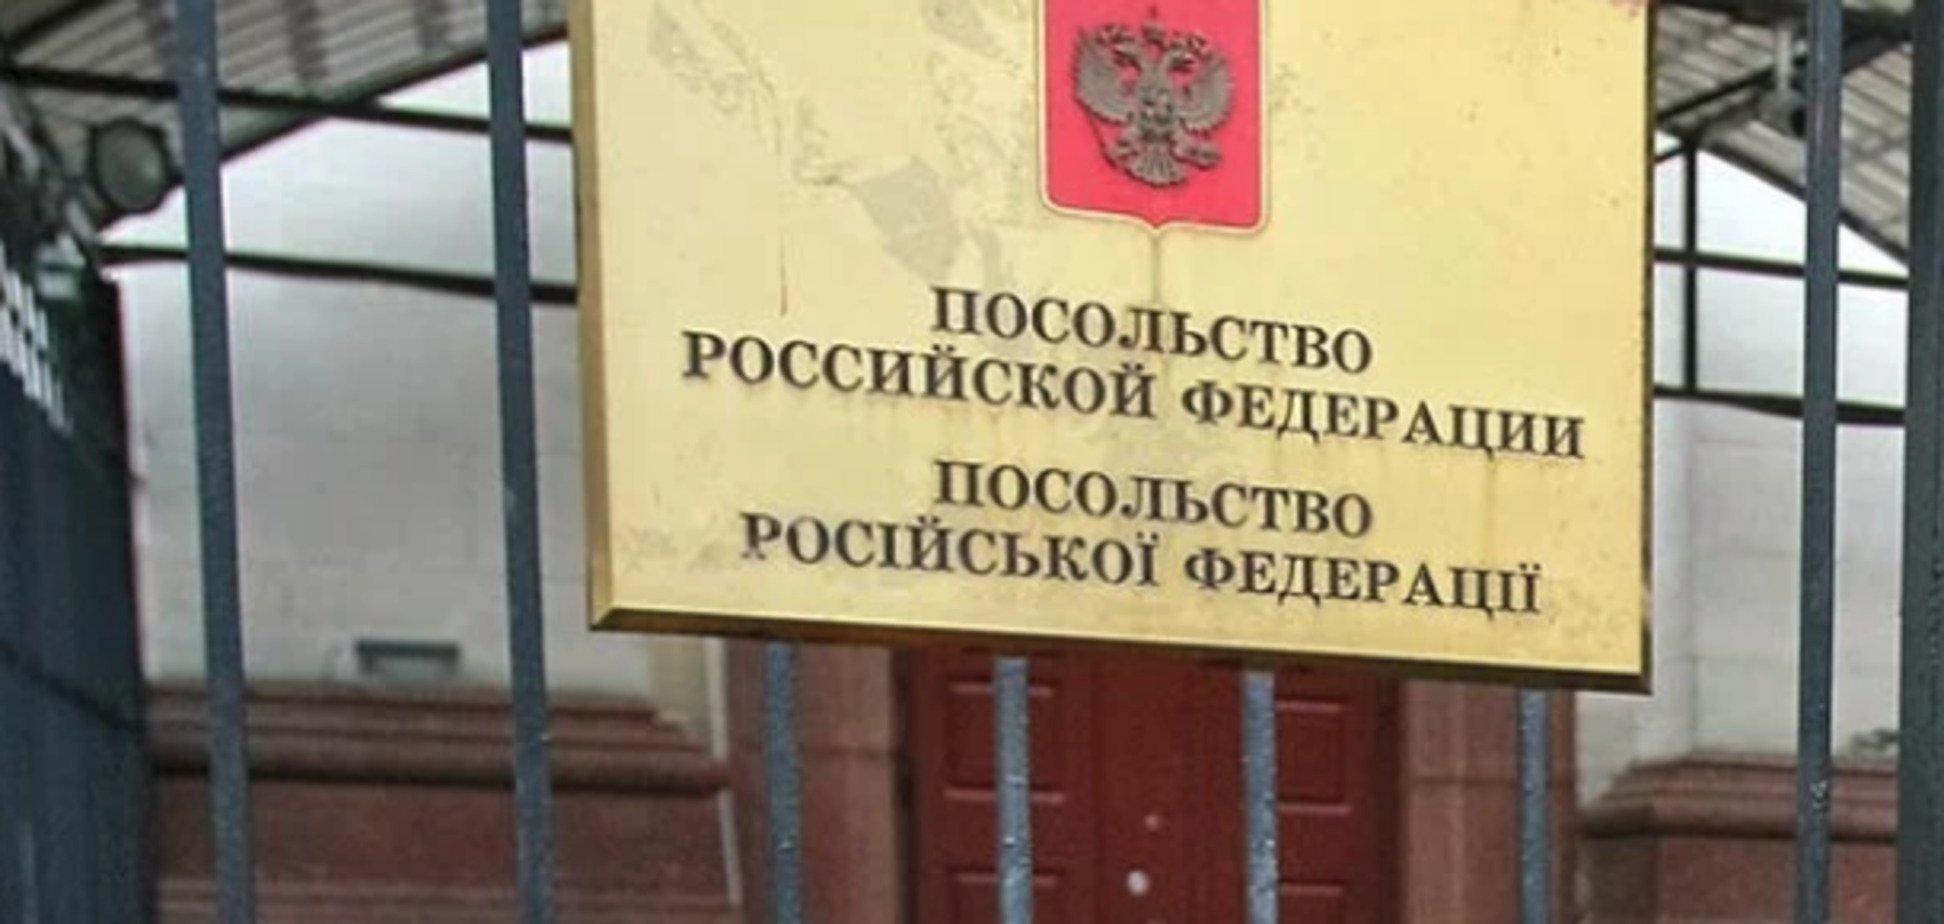 Выслать всех: Украине предложили полностью разорвать дипотношения с Россией